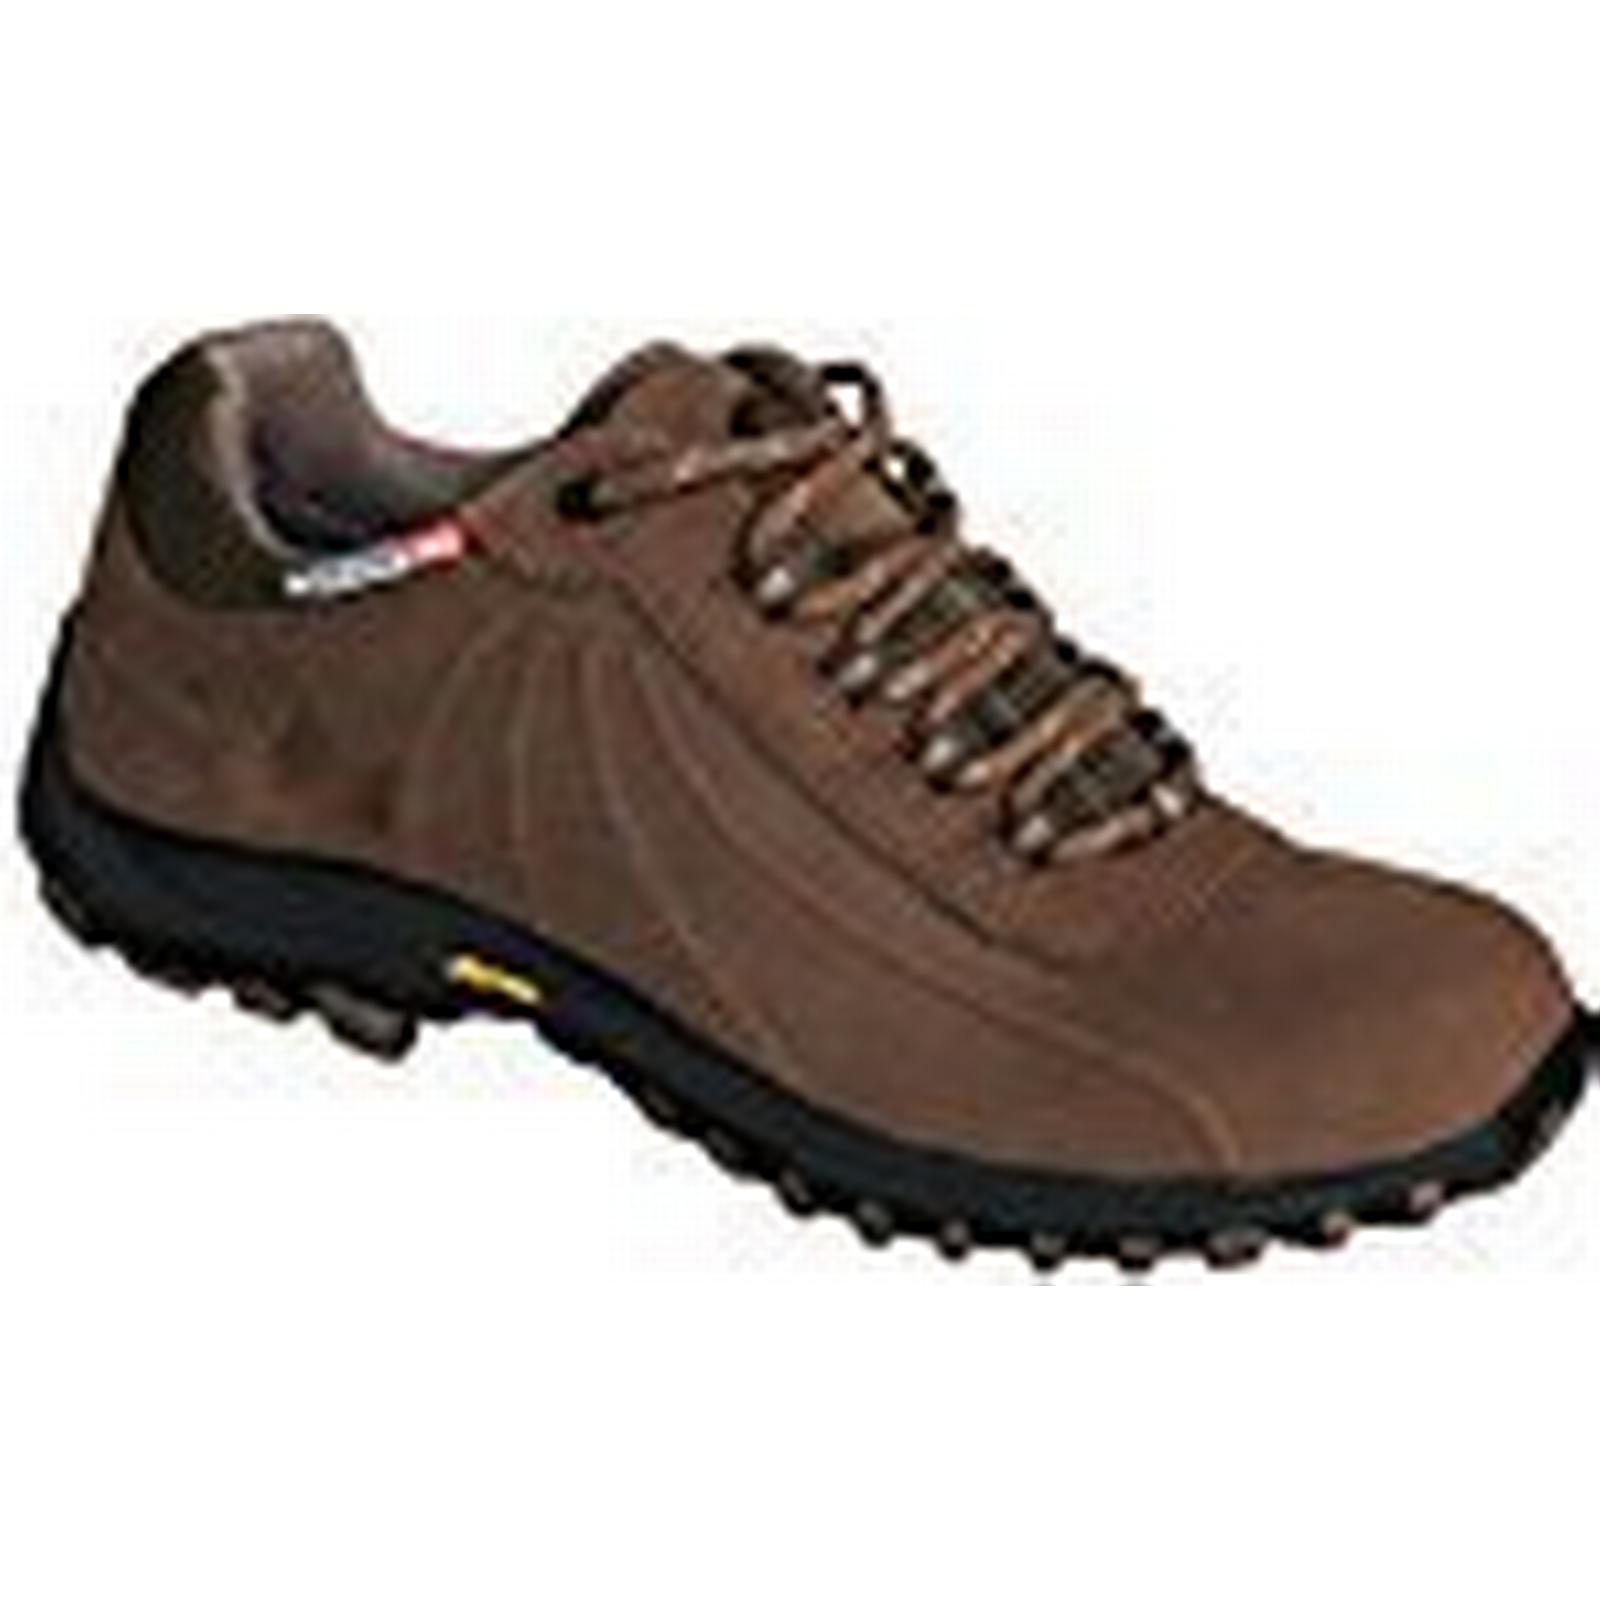 Altus 62000AL13241 Size Travel Shoes - Camel, Size 62000AL13241 41 8b3621